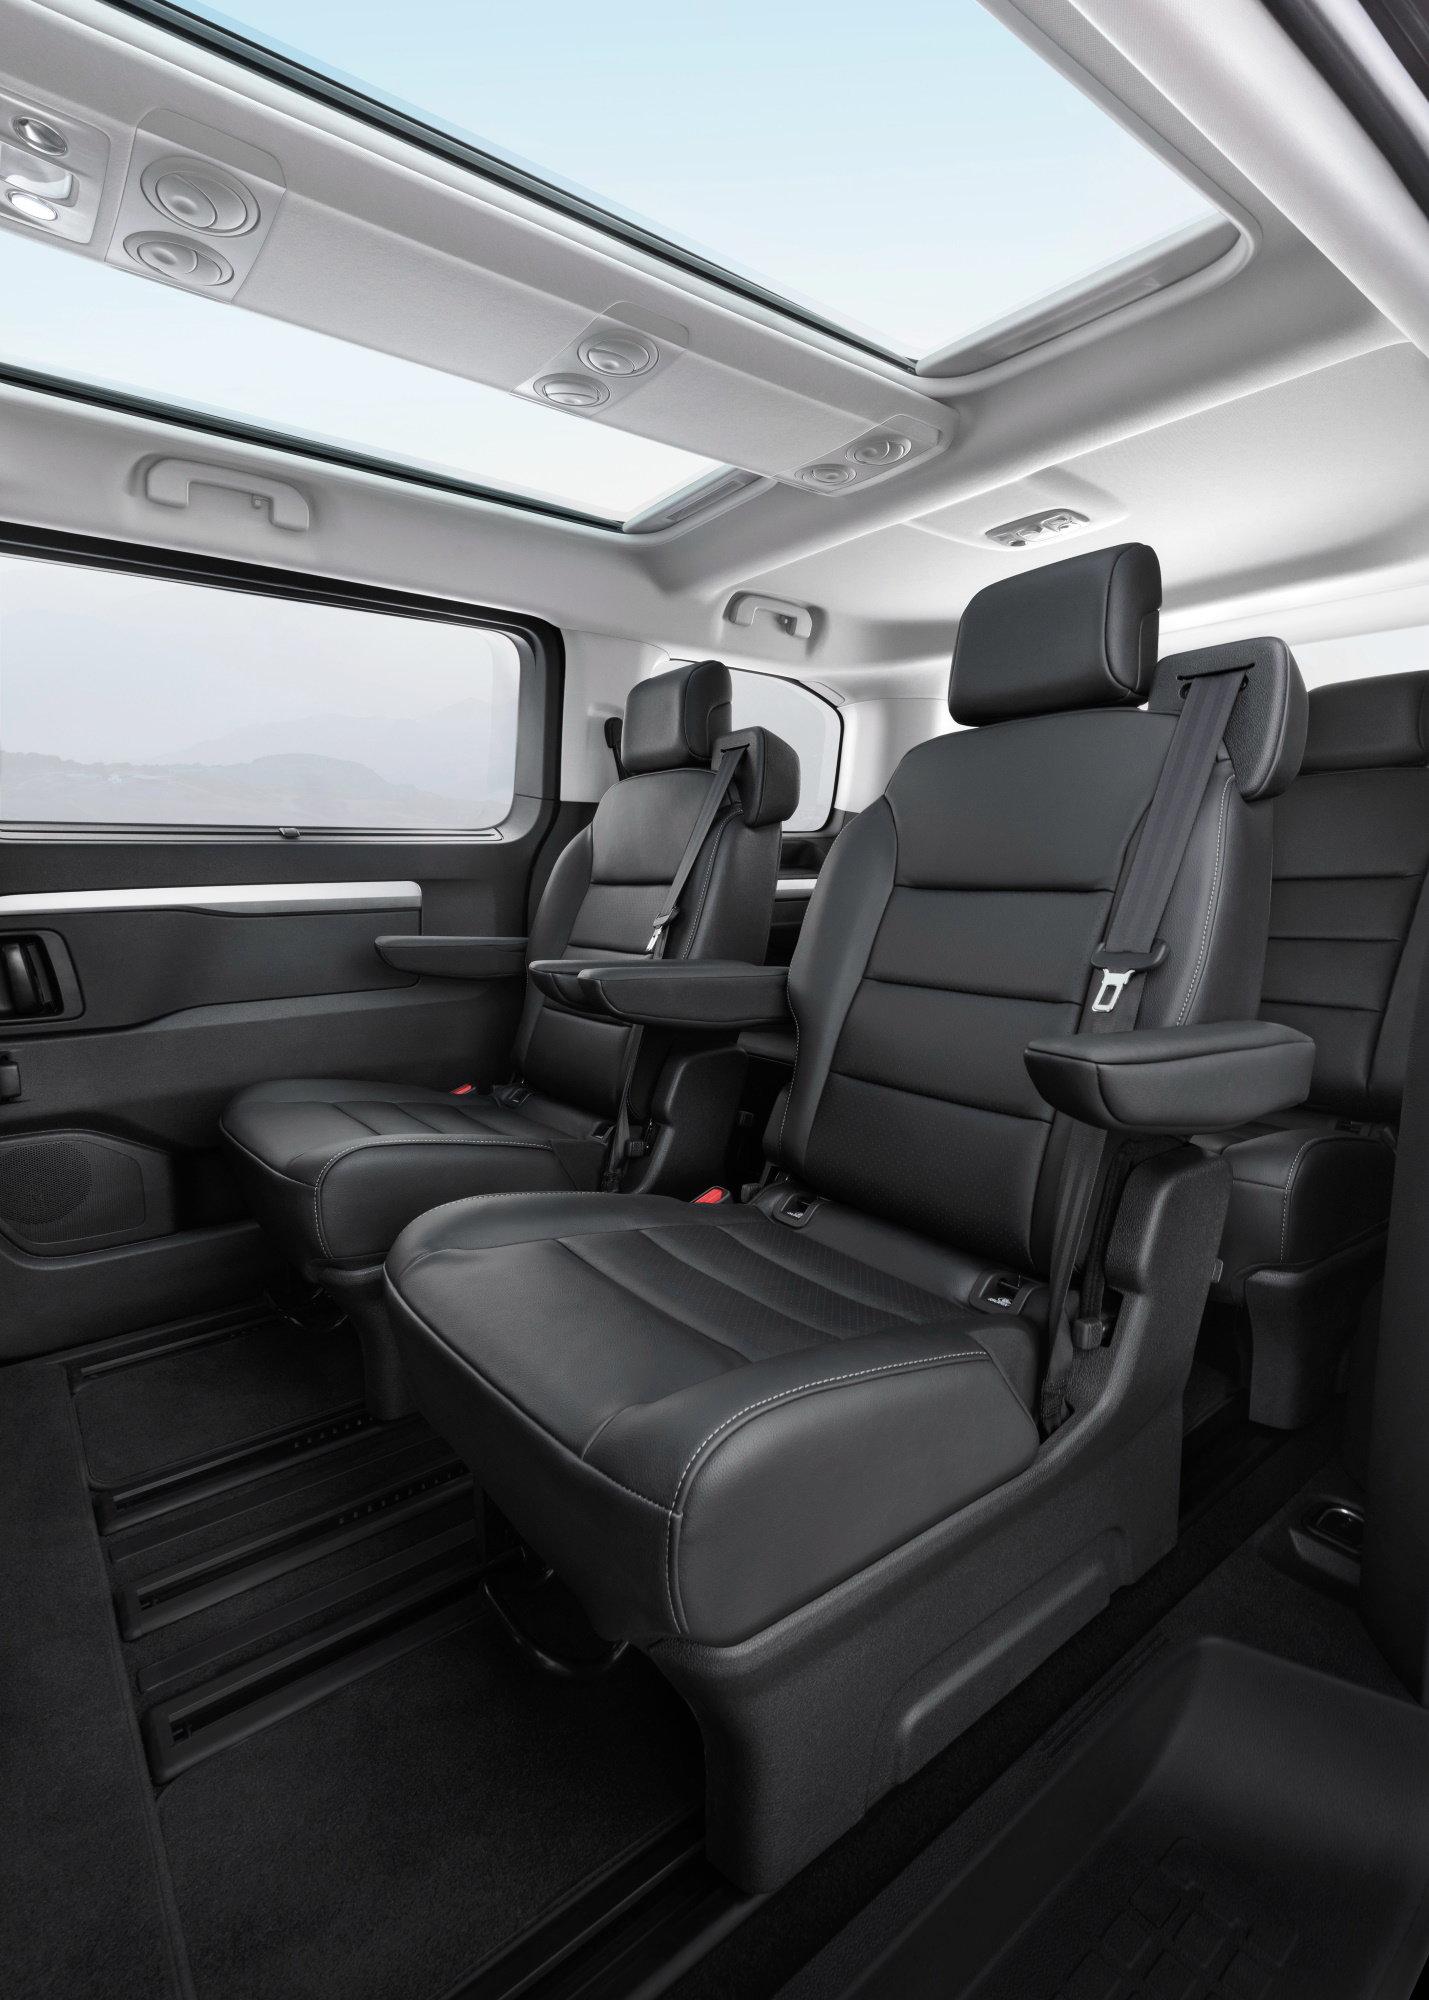 Микроавтобус Opel Zafira Life подешевел в России